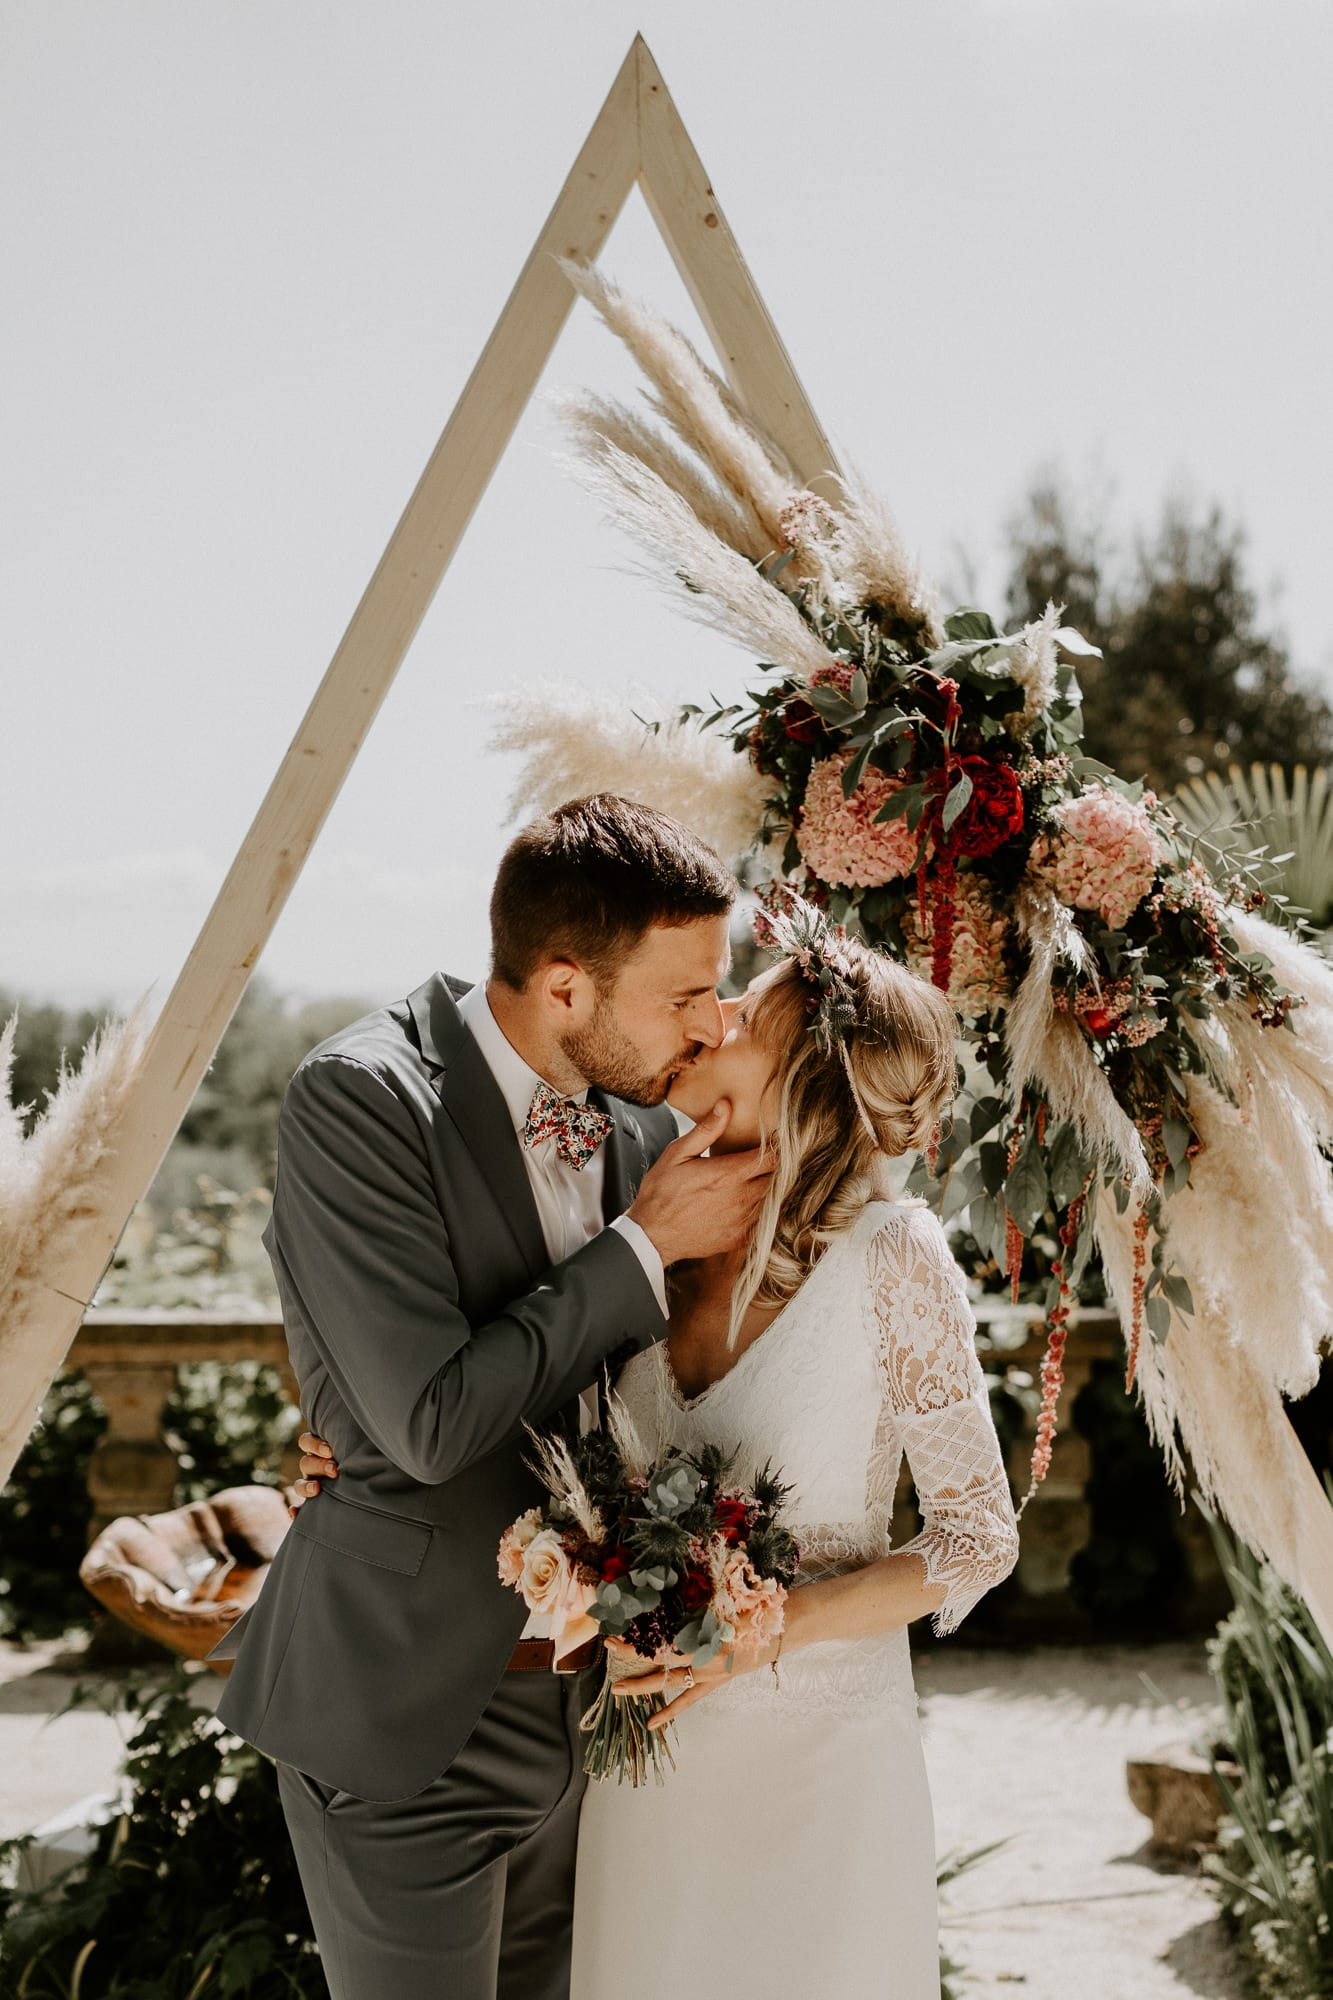 Dorothée Buteau - Photographe mariage - Bloga mariage : La mariée aux pieds nus